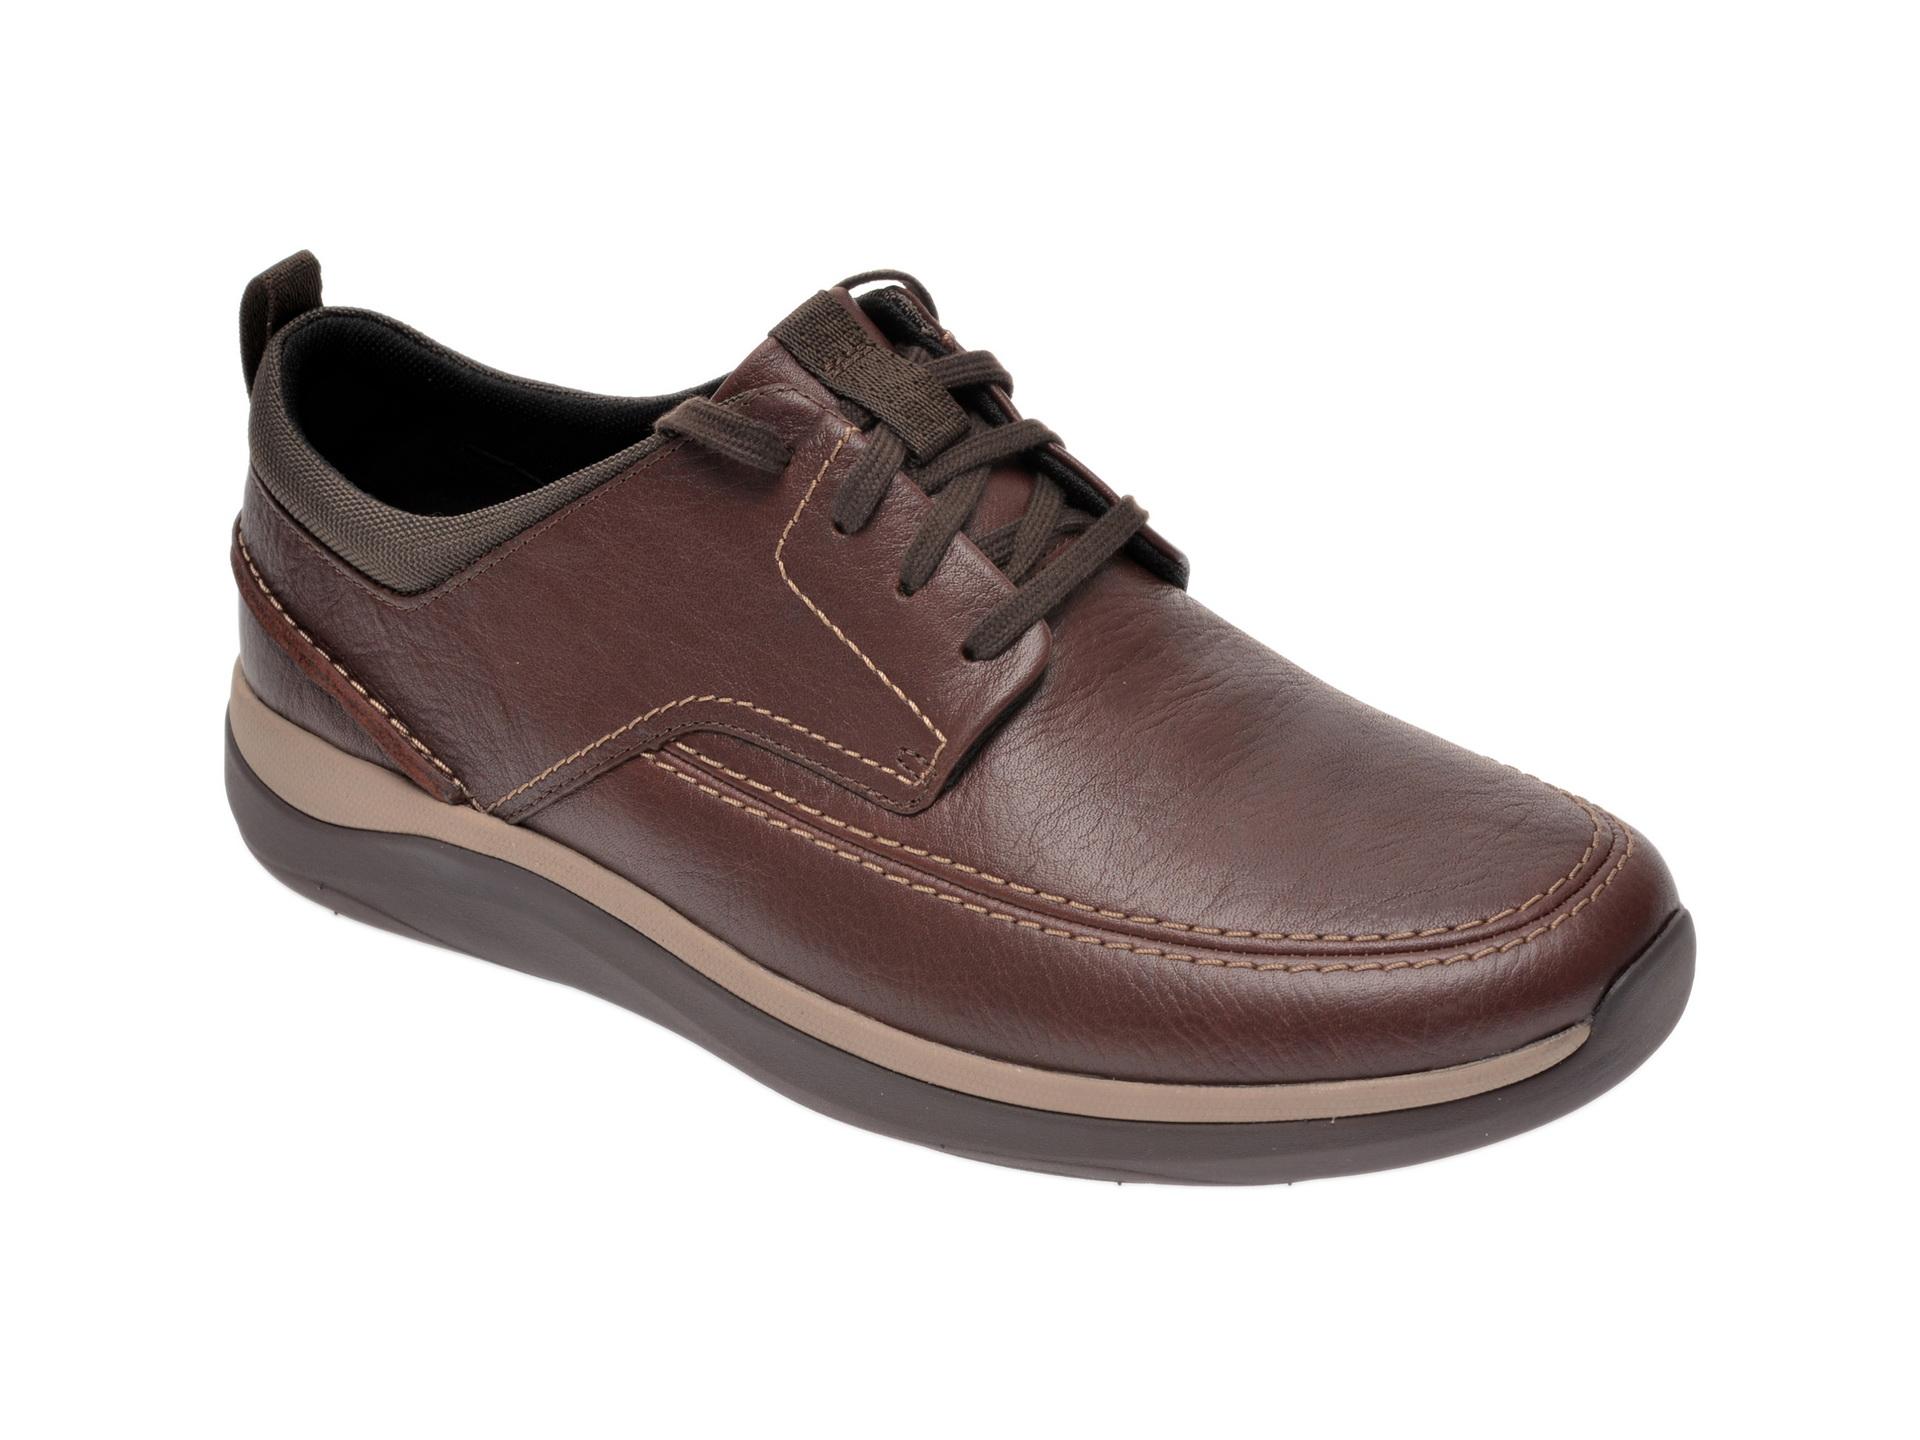 Pantofi CLARKS maro, Garratt Street, din piele naturala imagine